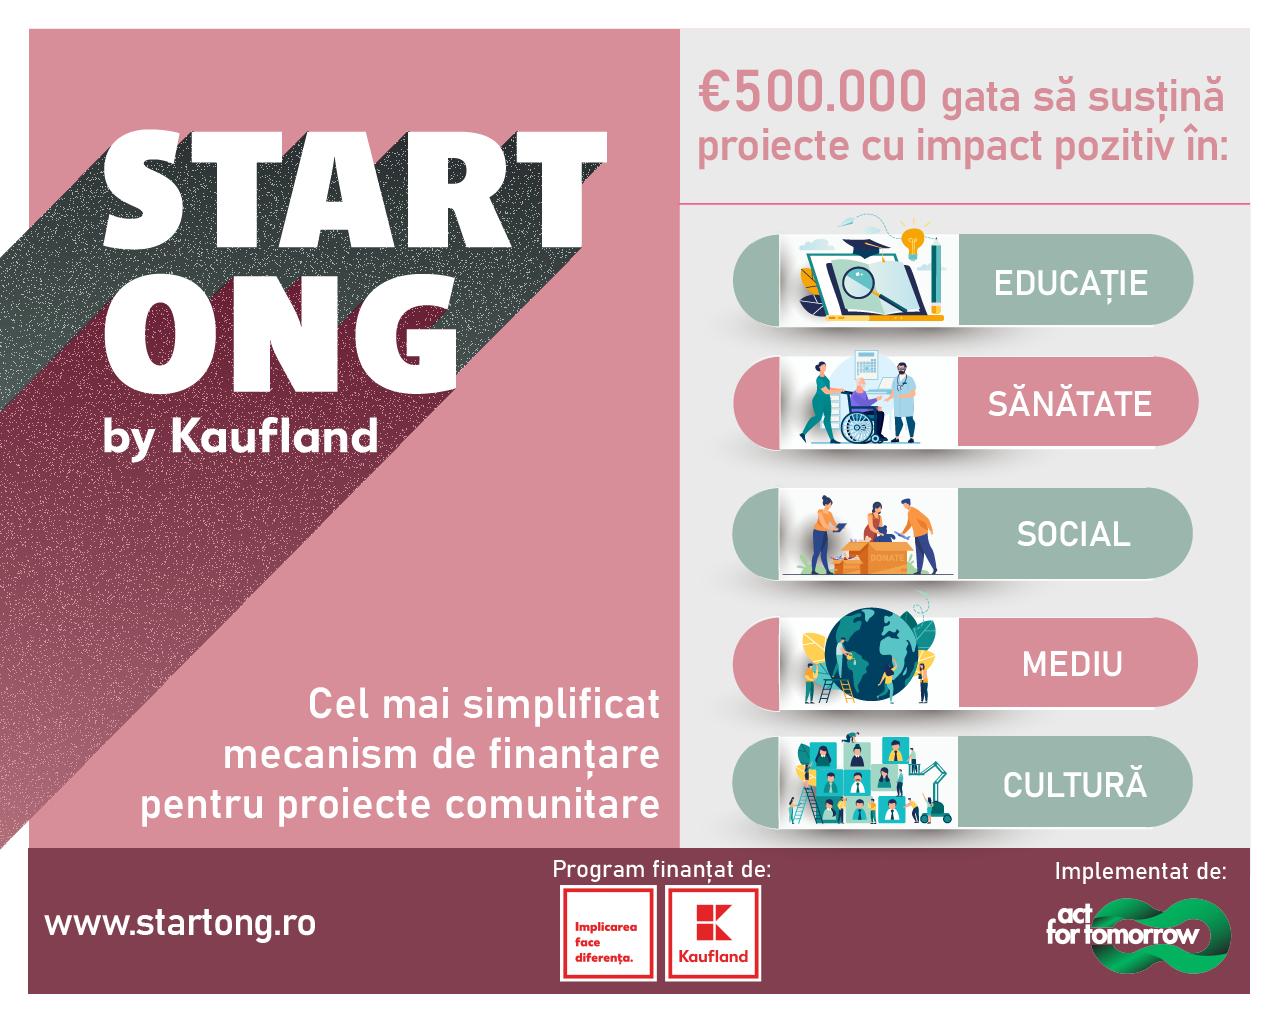 Start ONG oferă și în 2021 finanțări în valoare totală de 500.000 de euro ONG-urilor mici și unităților de învățământ